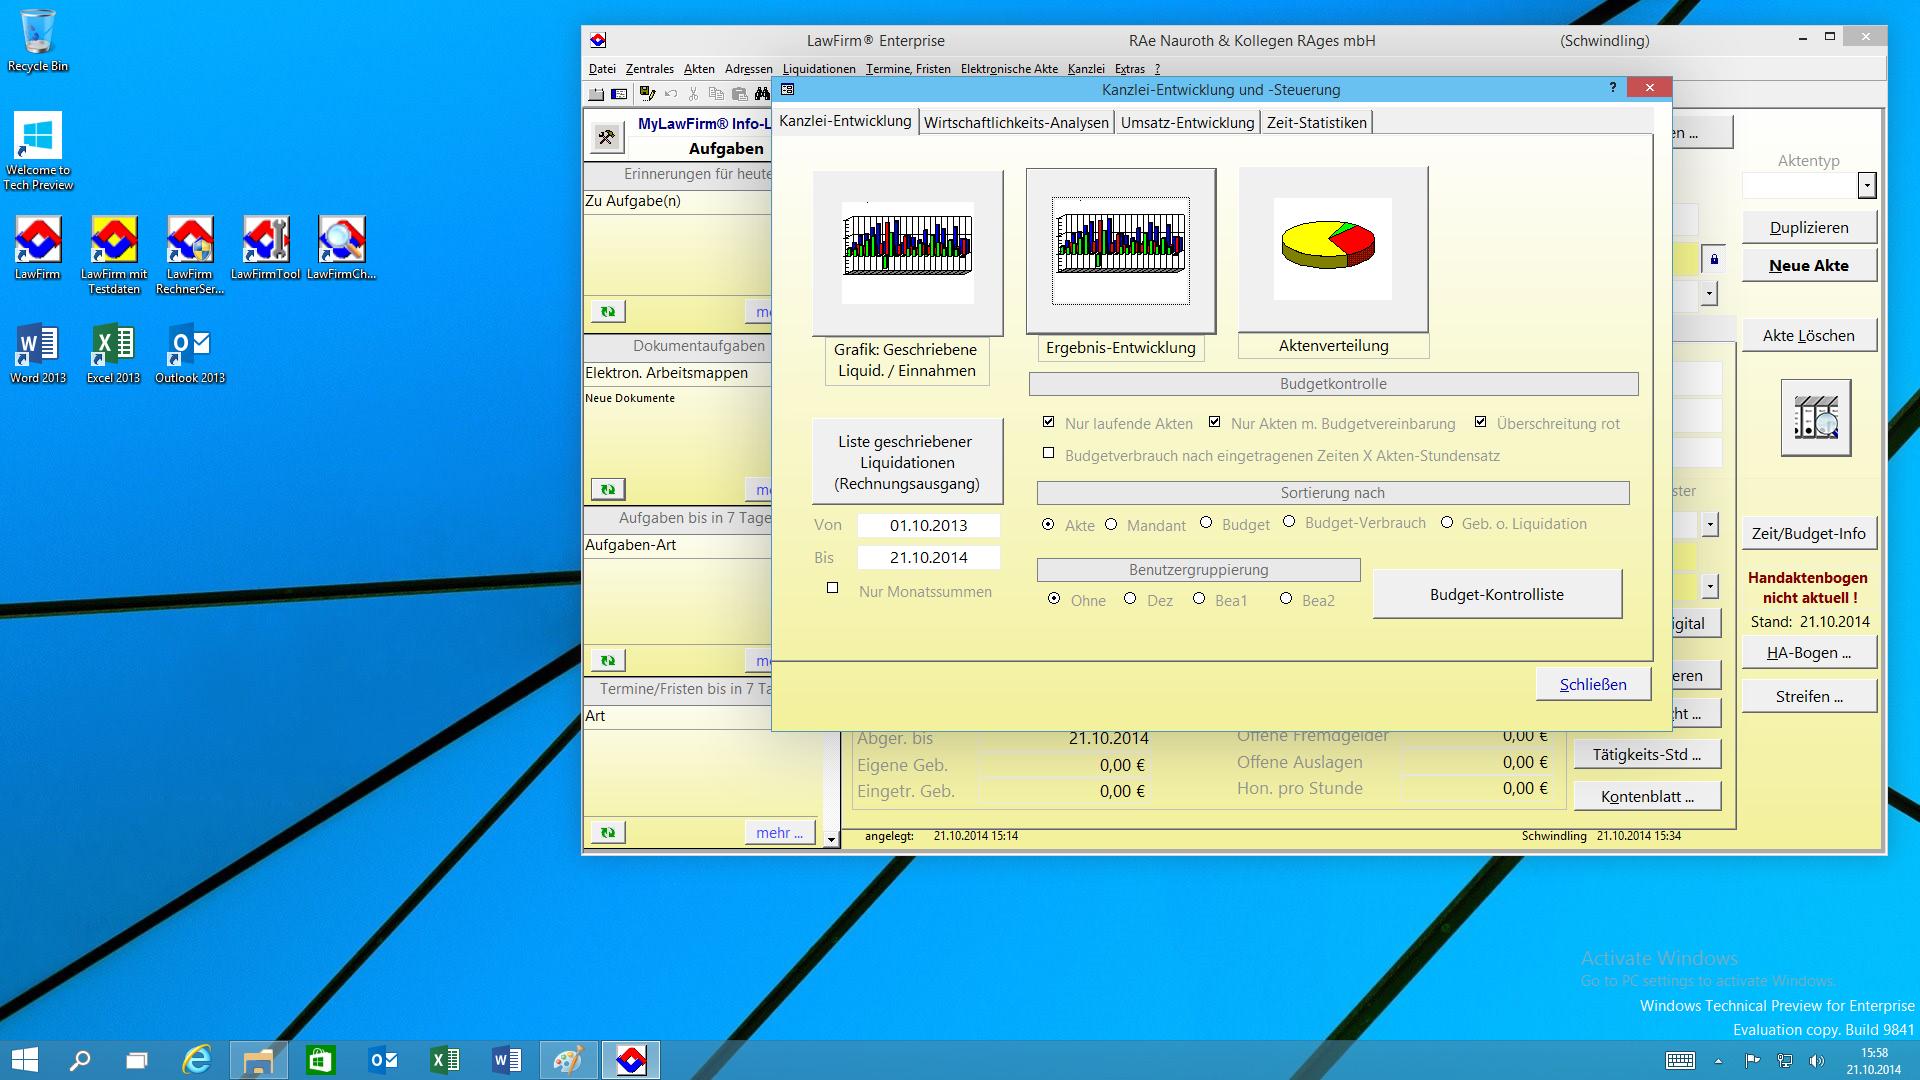 """LawFirm® Fenster """"Kanzlei-Entwicklung"""" (Wirtschaftlichkeitsanalysen, Umsatz-Statistiken), individuelle 3D Farben"""